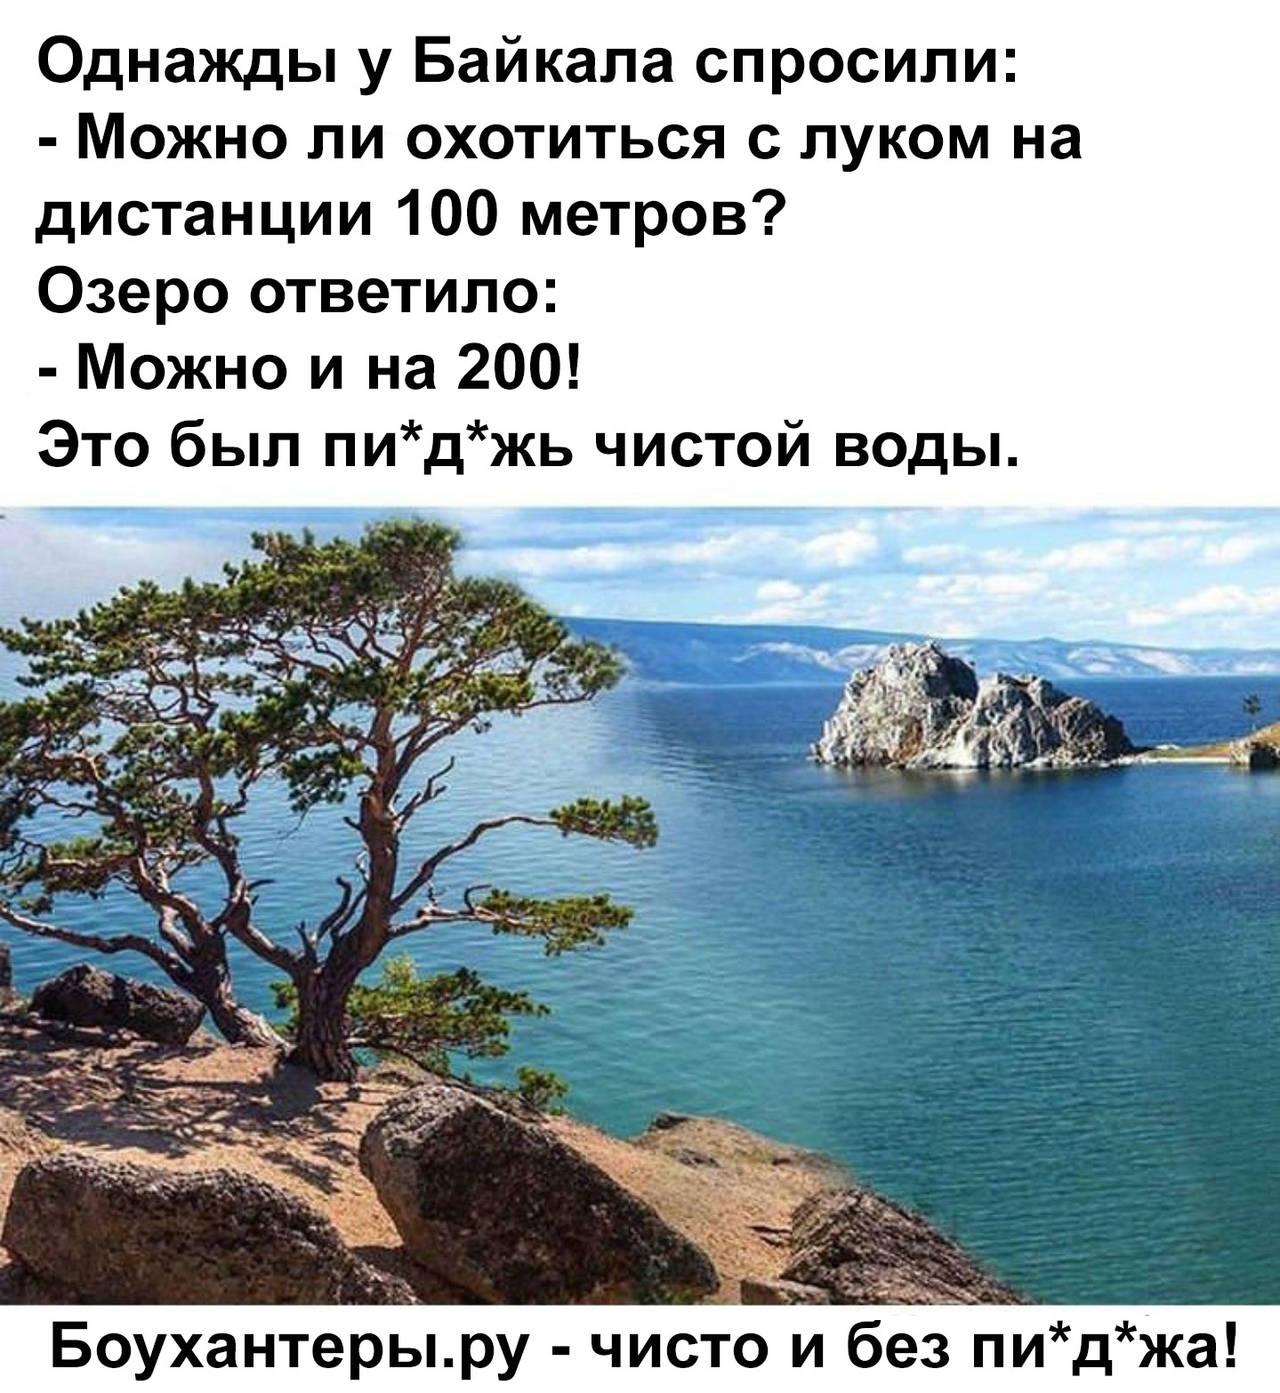 http://forumupload.ru/uploads/001a/8c/05/221/233280.jpg